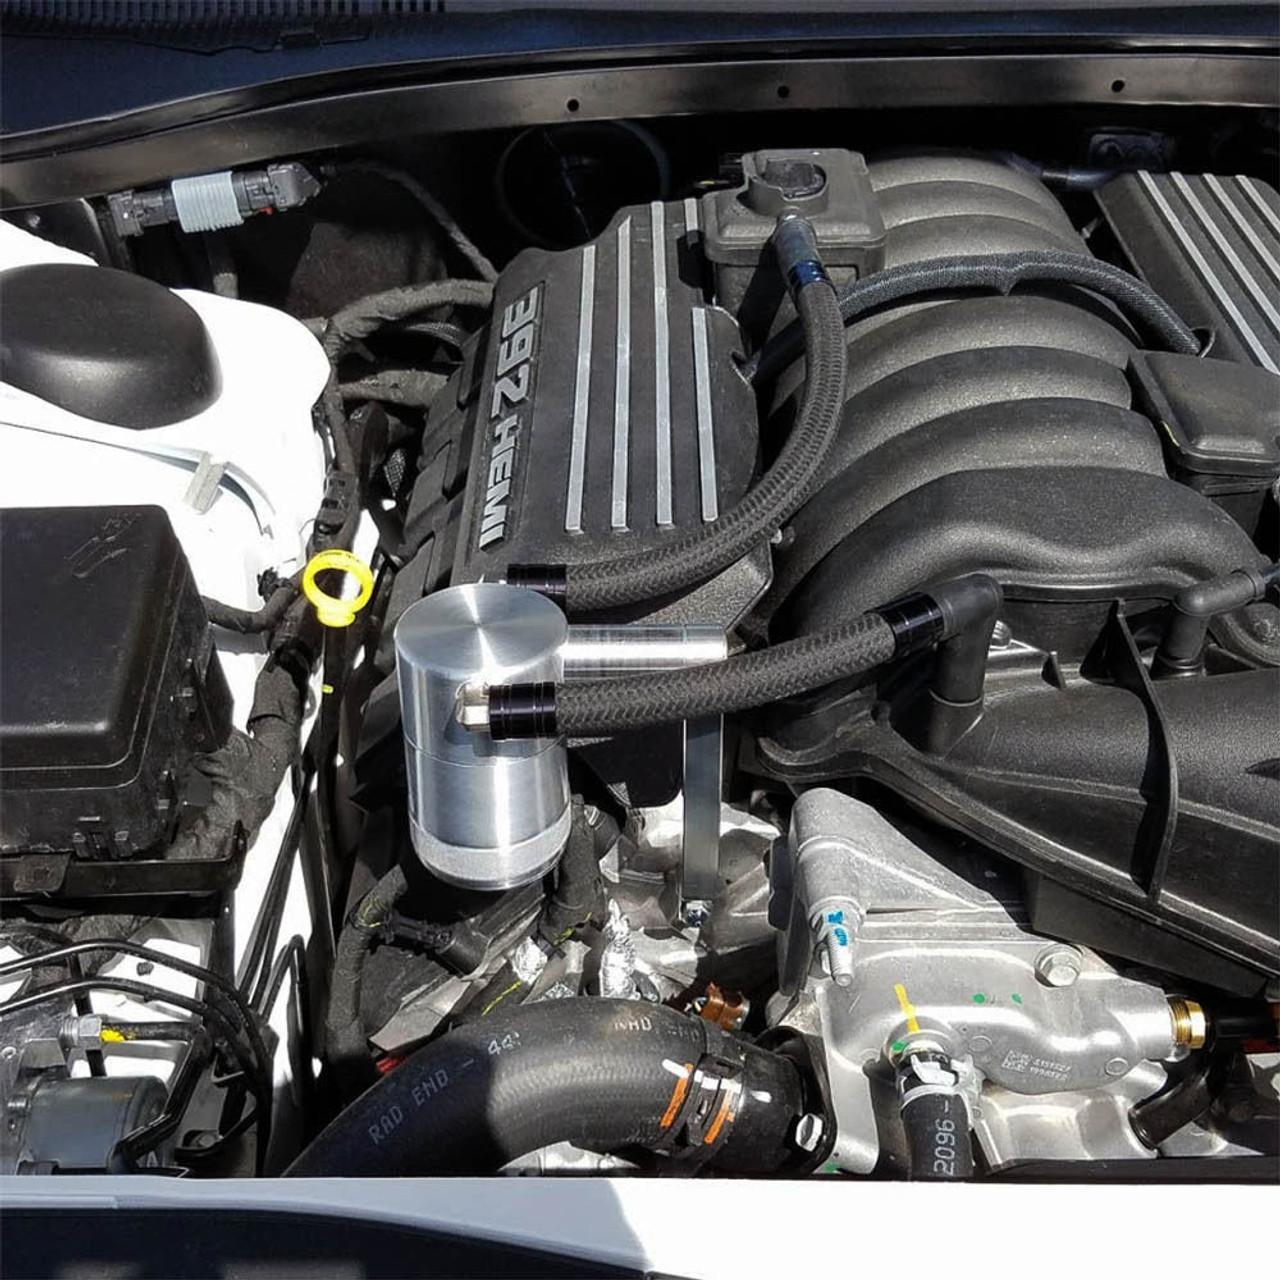 DODGE CHARGER MAGNUM CHRYSLER 300 ENGINE CRANKCASE BREATHER HOSE SET OF 2 MOPAR